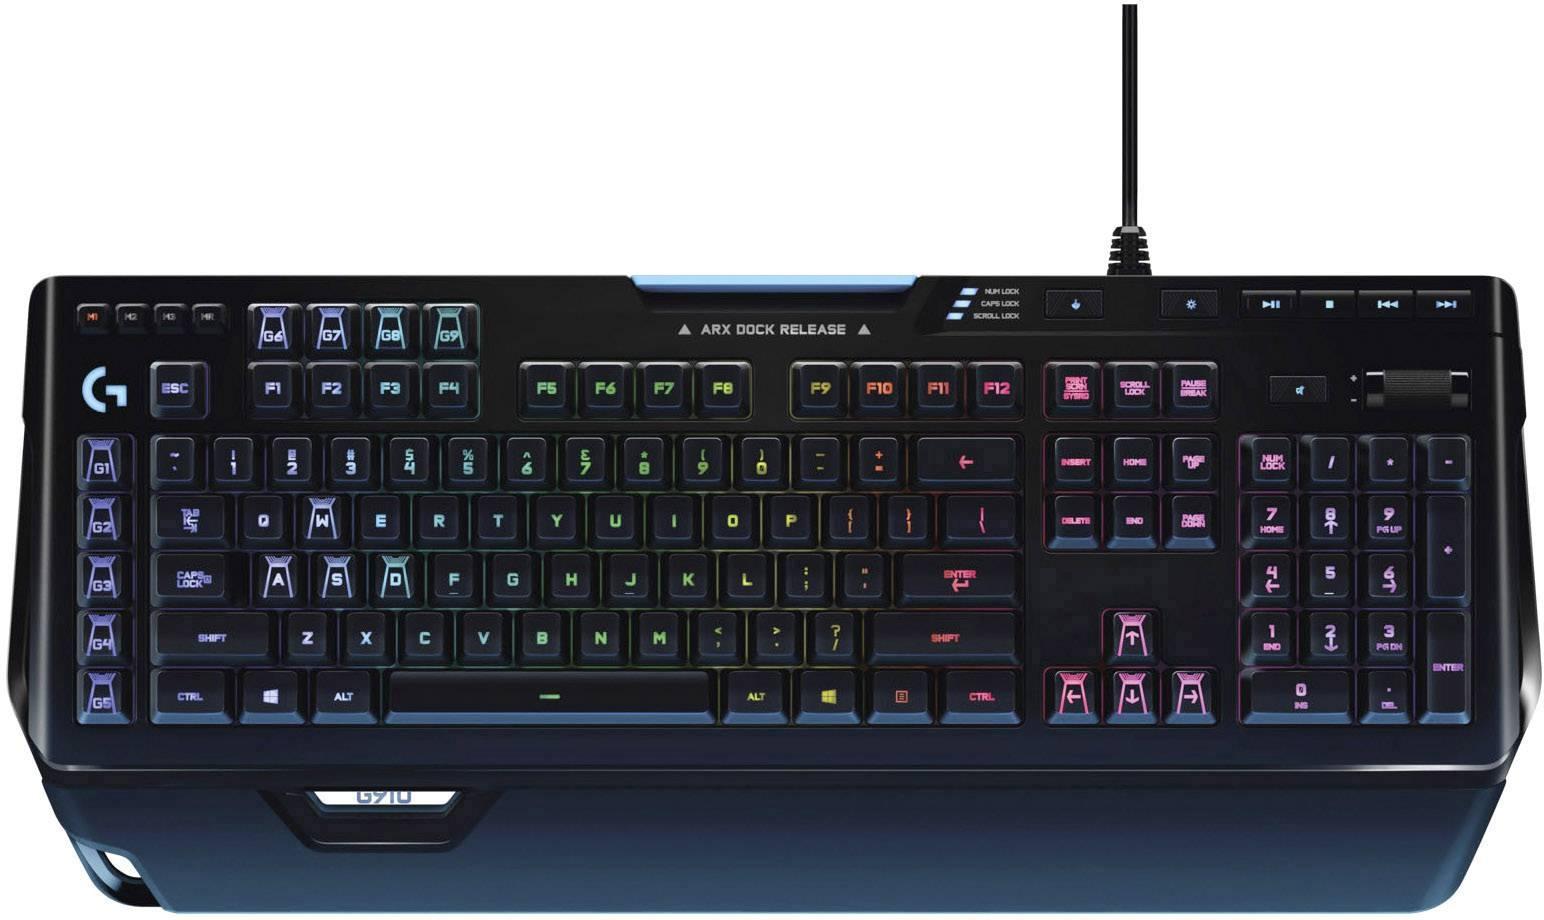 CHERRY Tastatur - Modell: Cherry G910 Orion Spectrum Gaming-Tastatur Schwarz